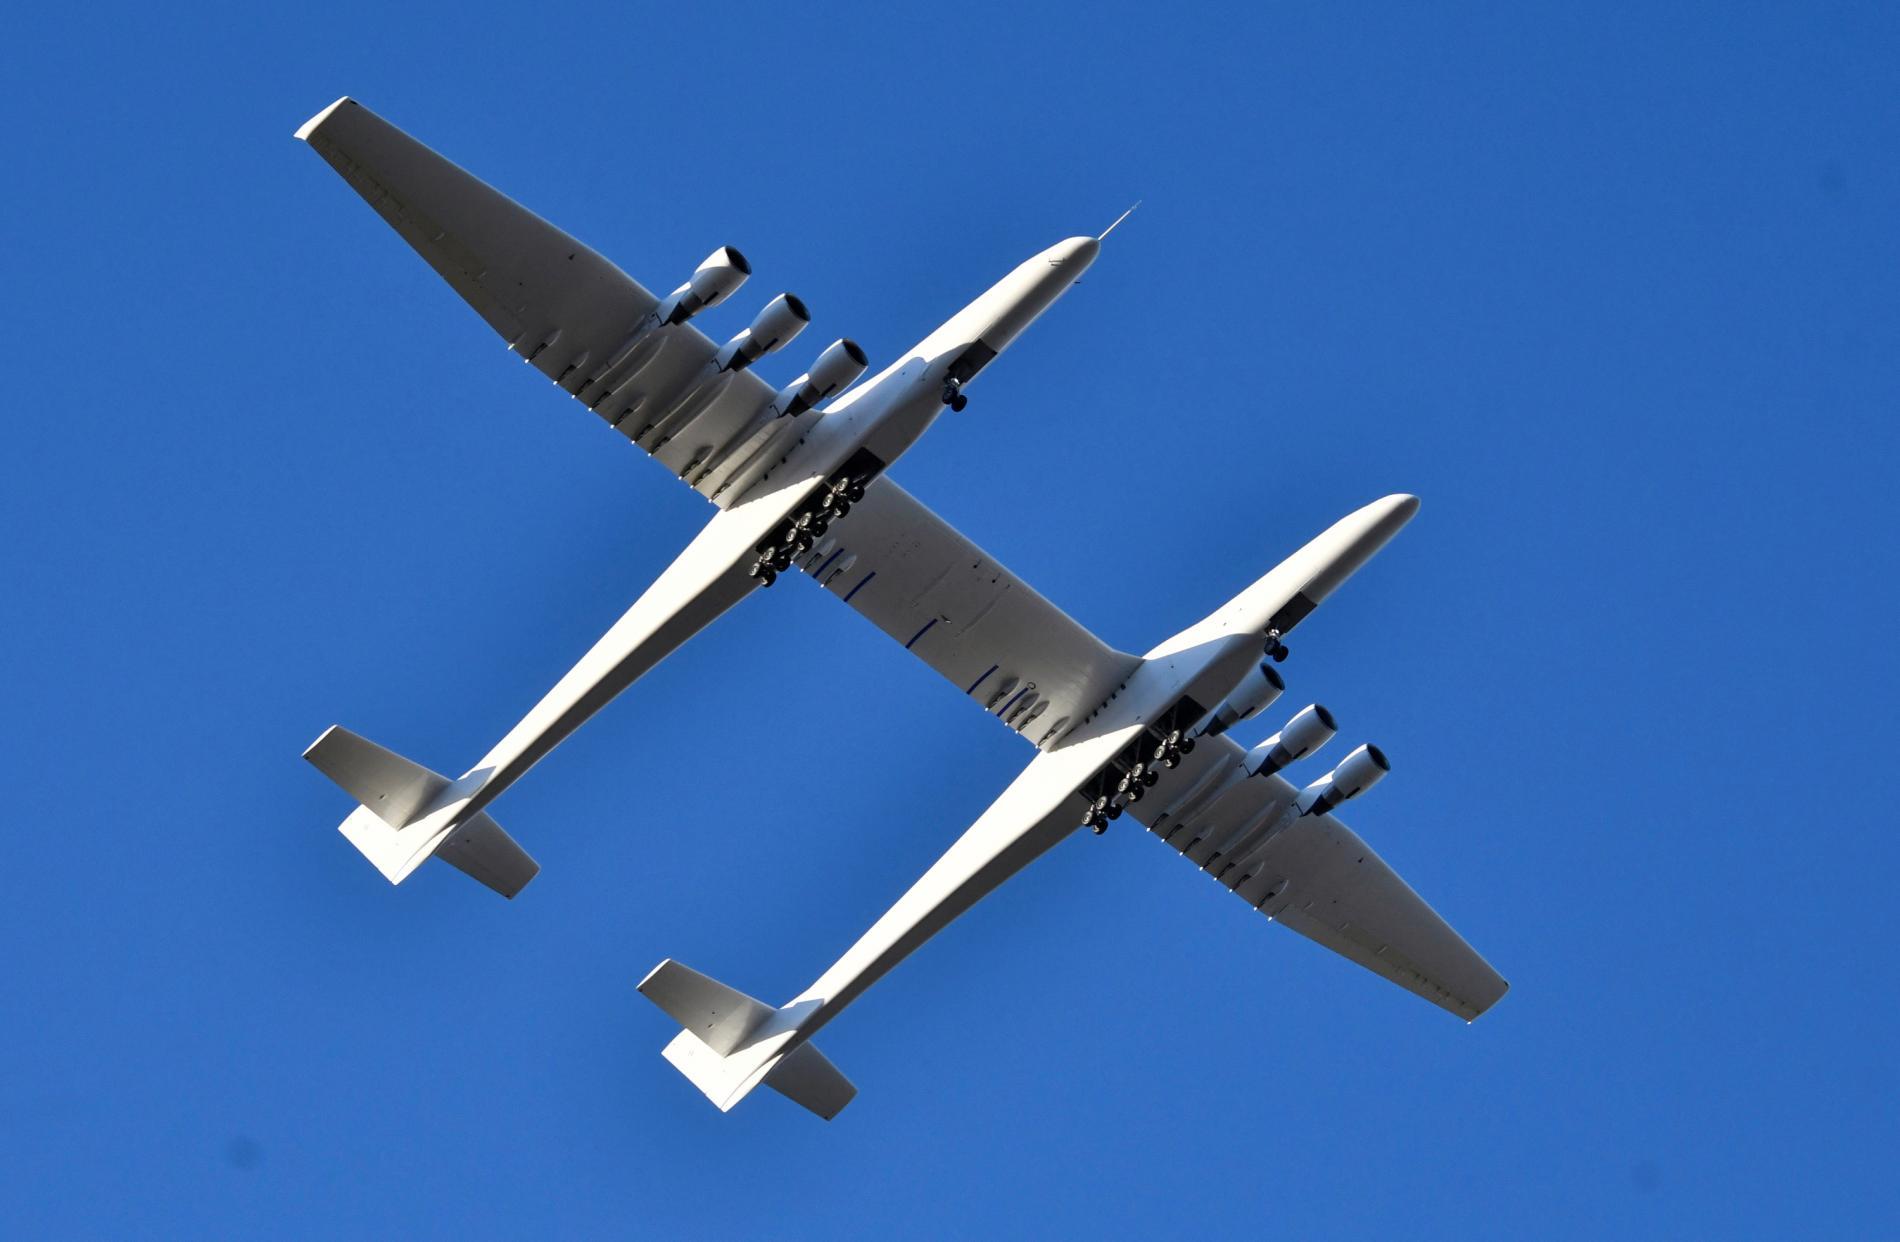 نتيجة بحث الصور عن طائرة ستراتولاونتش